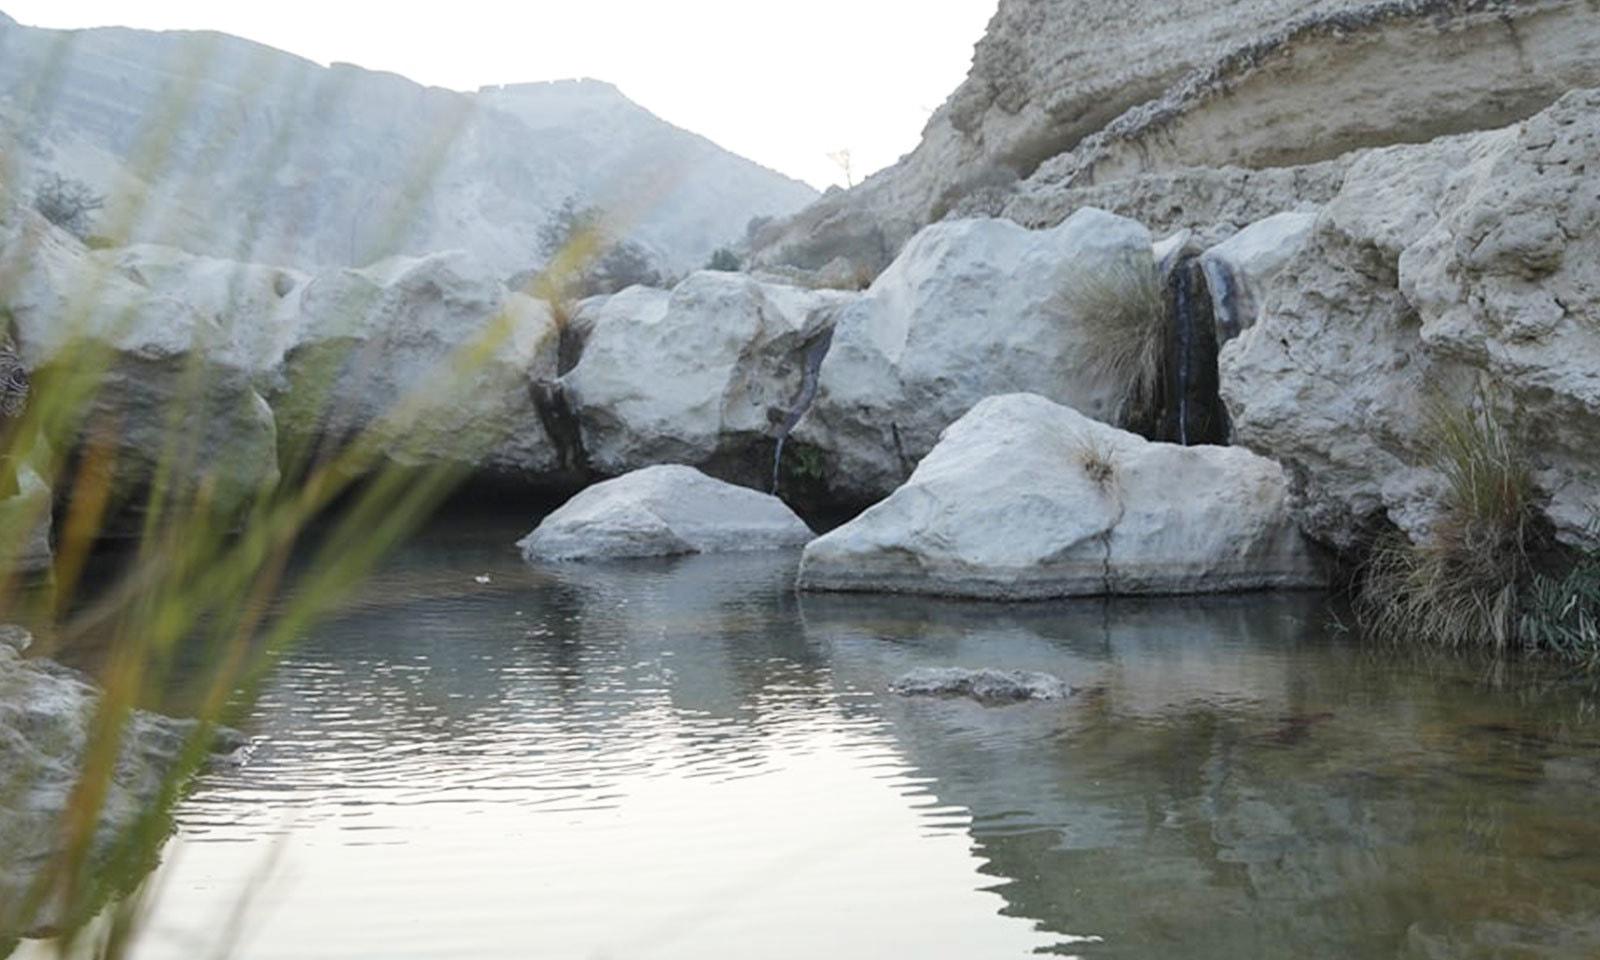 پہاڑوں کے گھیرے میں موجود اس قلعے میں پانی کا چشمہ بھی موجود ہے—فوٹو: شفقت حسین